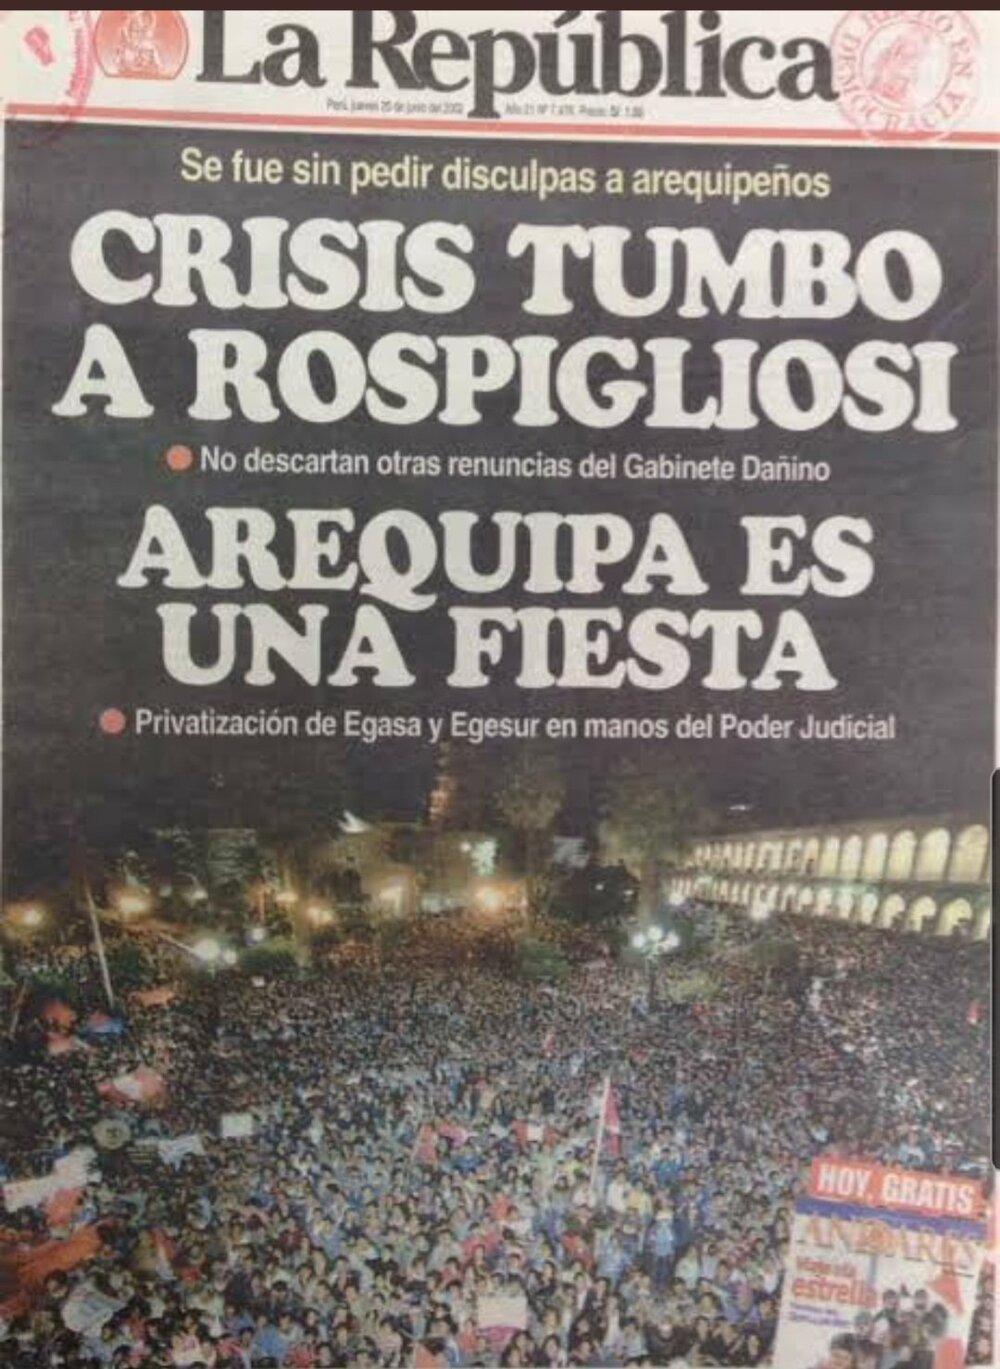 El fin del Arequipazo también trajo como consecuencia la destitución de Rospigliosi.